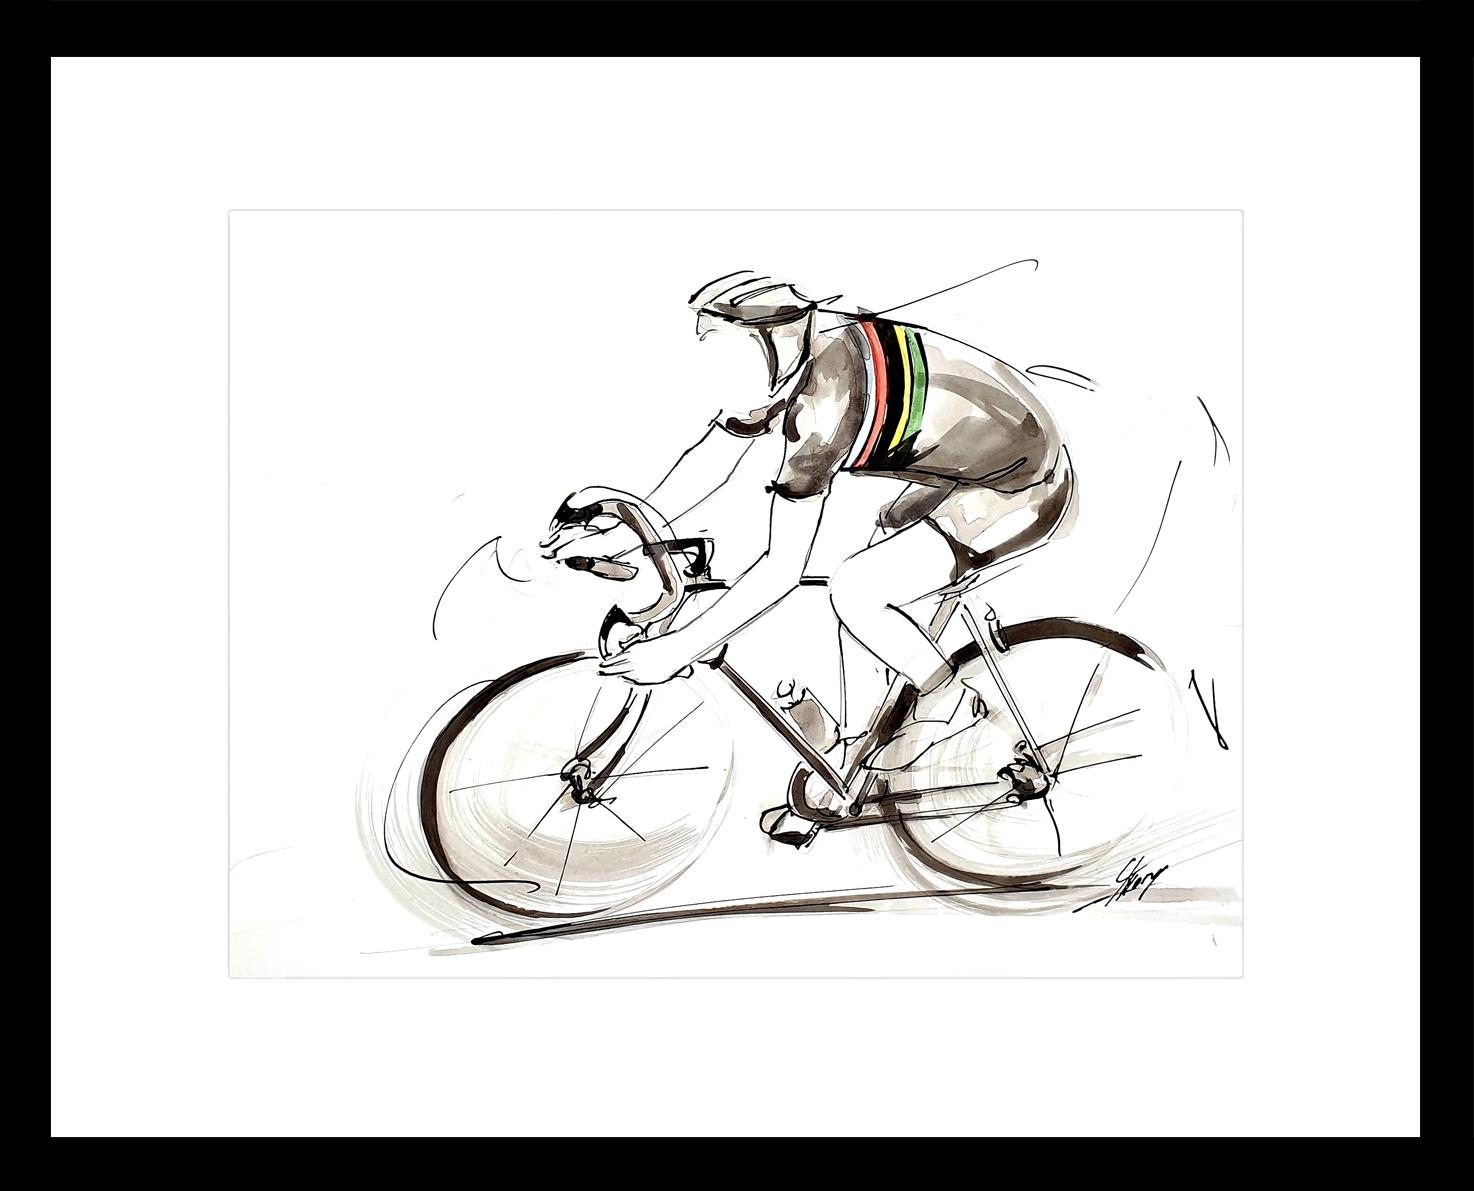 art peinture sport cyclisme : peinture à l'encre de Joop Zoetemelk, champion de monde de cyclisme, vainqueur du tour de France et champion Olympique